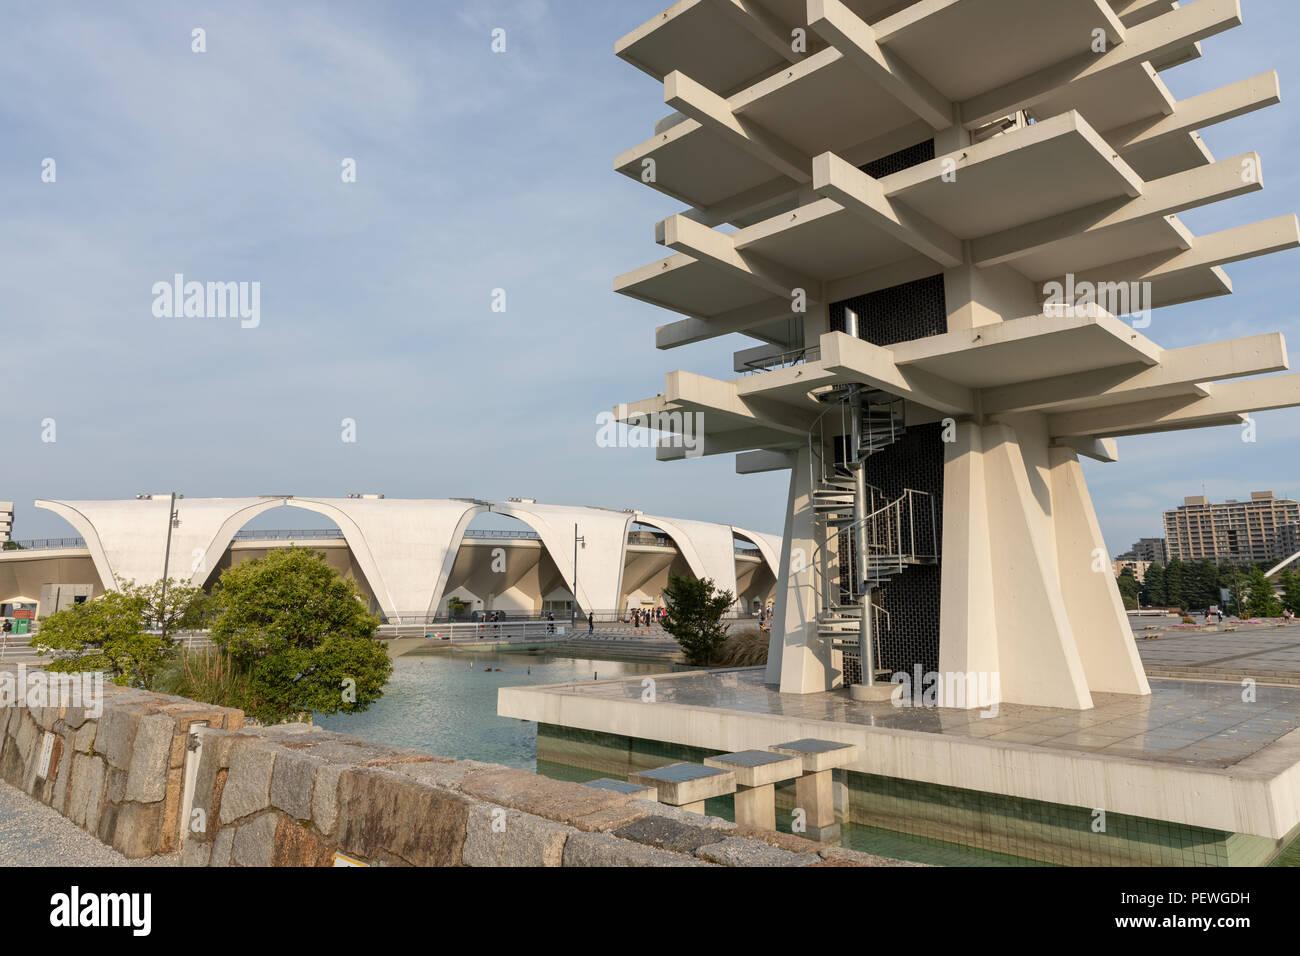 Control Tower (Yoshinobu Ashihara) and Komazawa Olympic Park Stadium (Murata Masachika Architects), built for the 1964 Summer Olympics in Tokyo, Japan Stock Photo